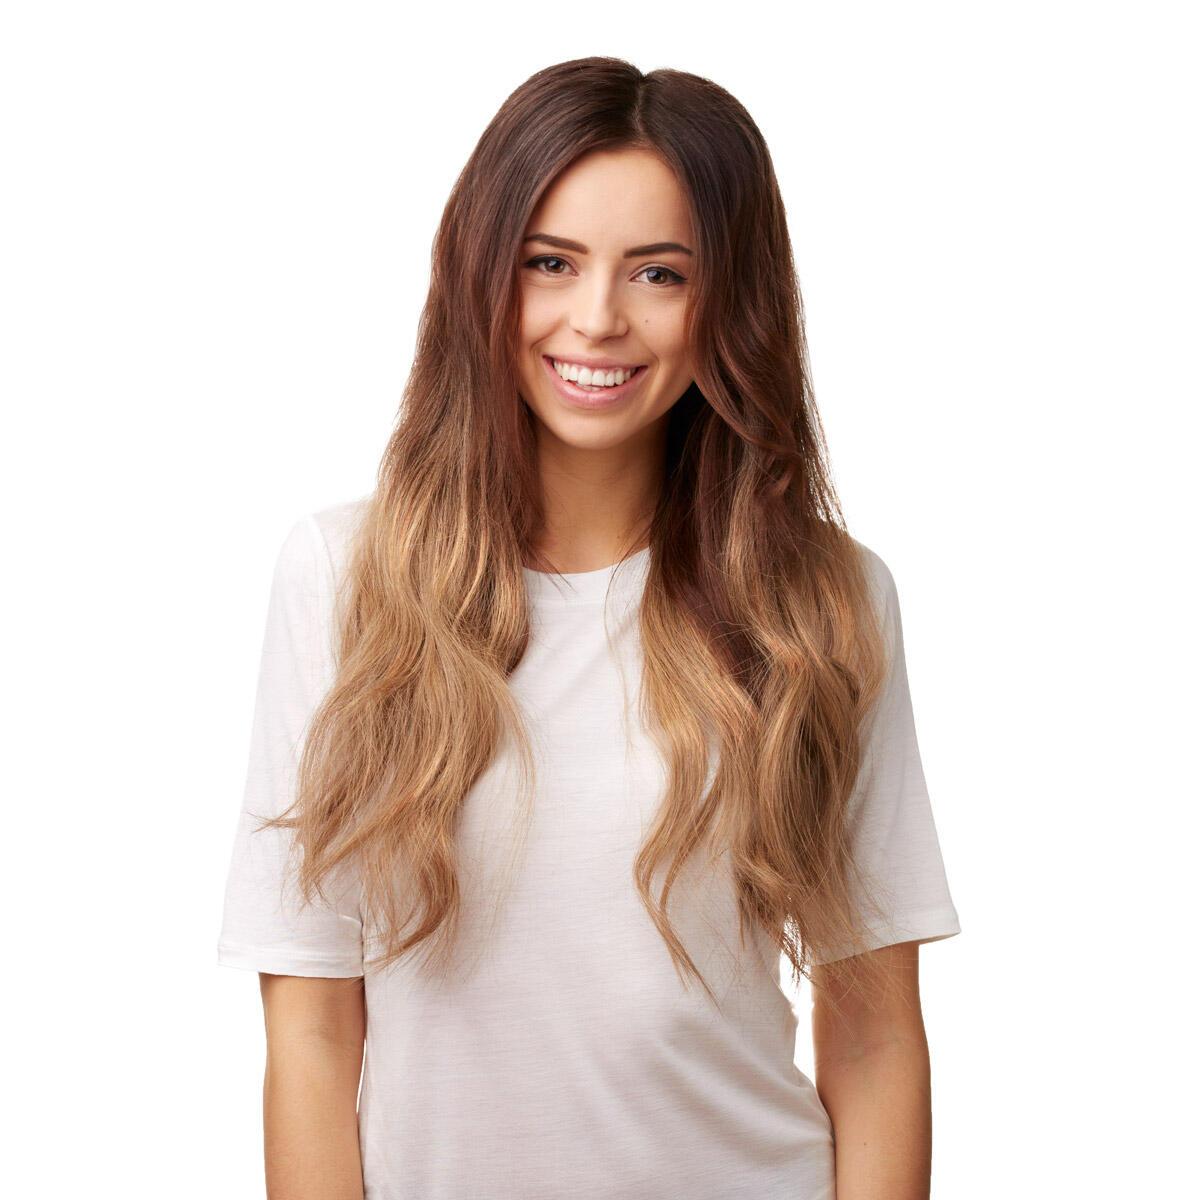 Nail Hair Premium O2.0/7.5 Medium Brown Ombre 40 cm